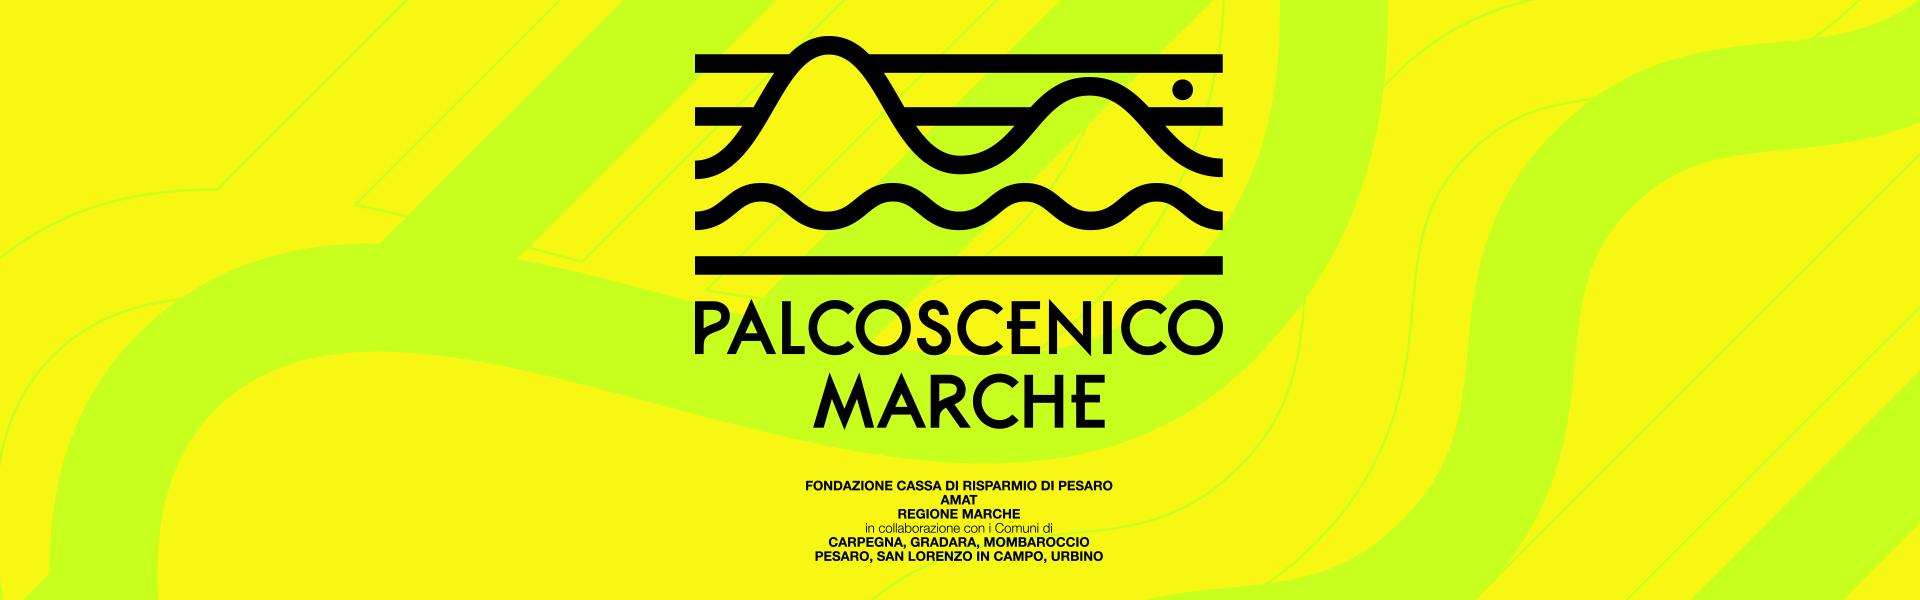 PALCOSCENICO MARCHE: 14 STRAORDINARI DOCUMENTARI PER RACCONTARE ARCHITETTURE, AMBIENTE ED ARTI NELLA PROVINCIA DI PESARO E URBINO